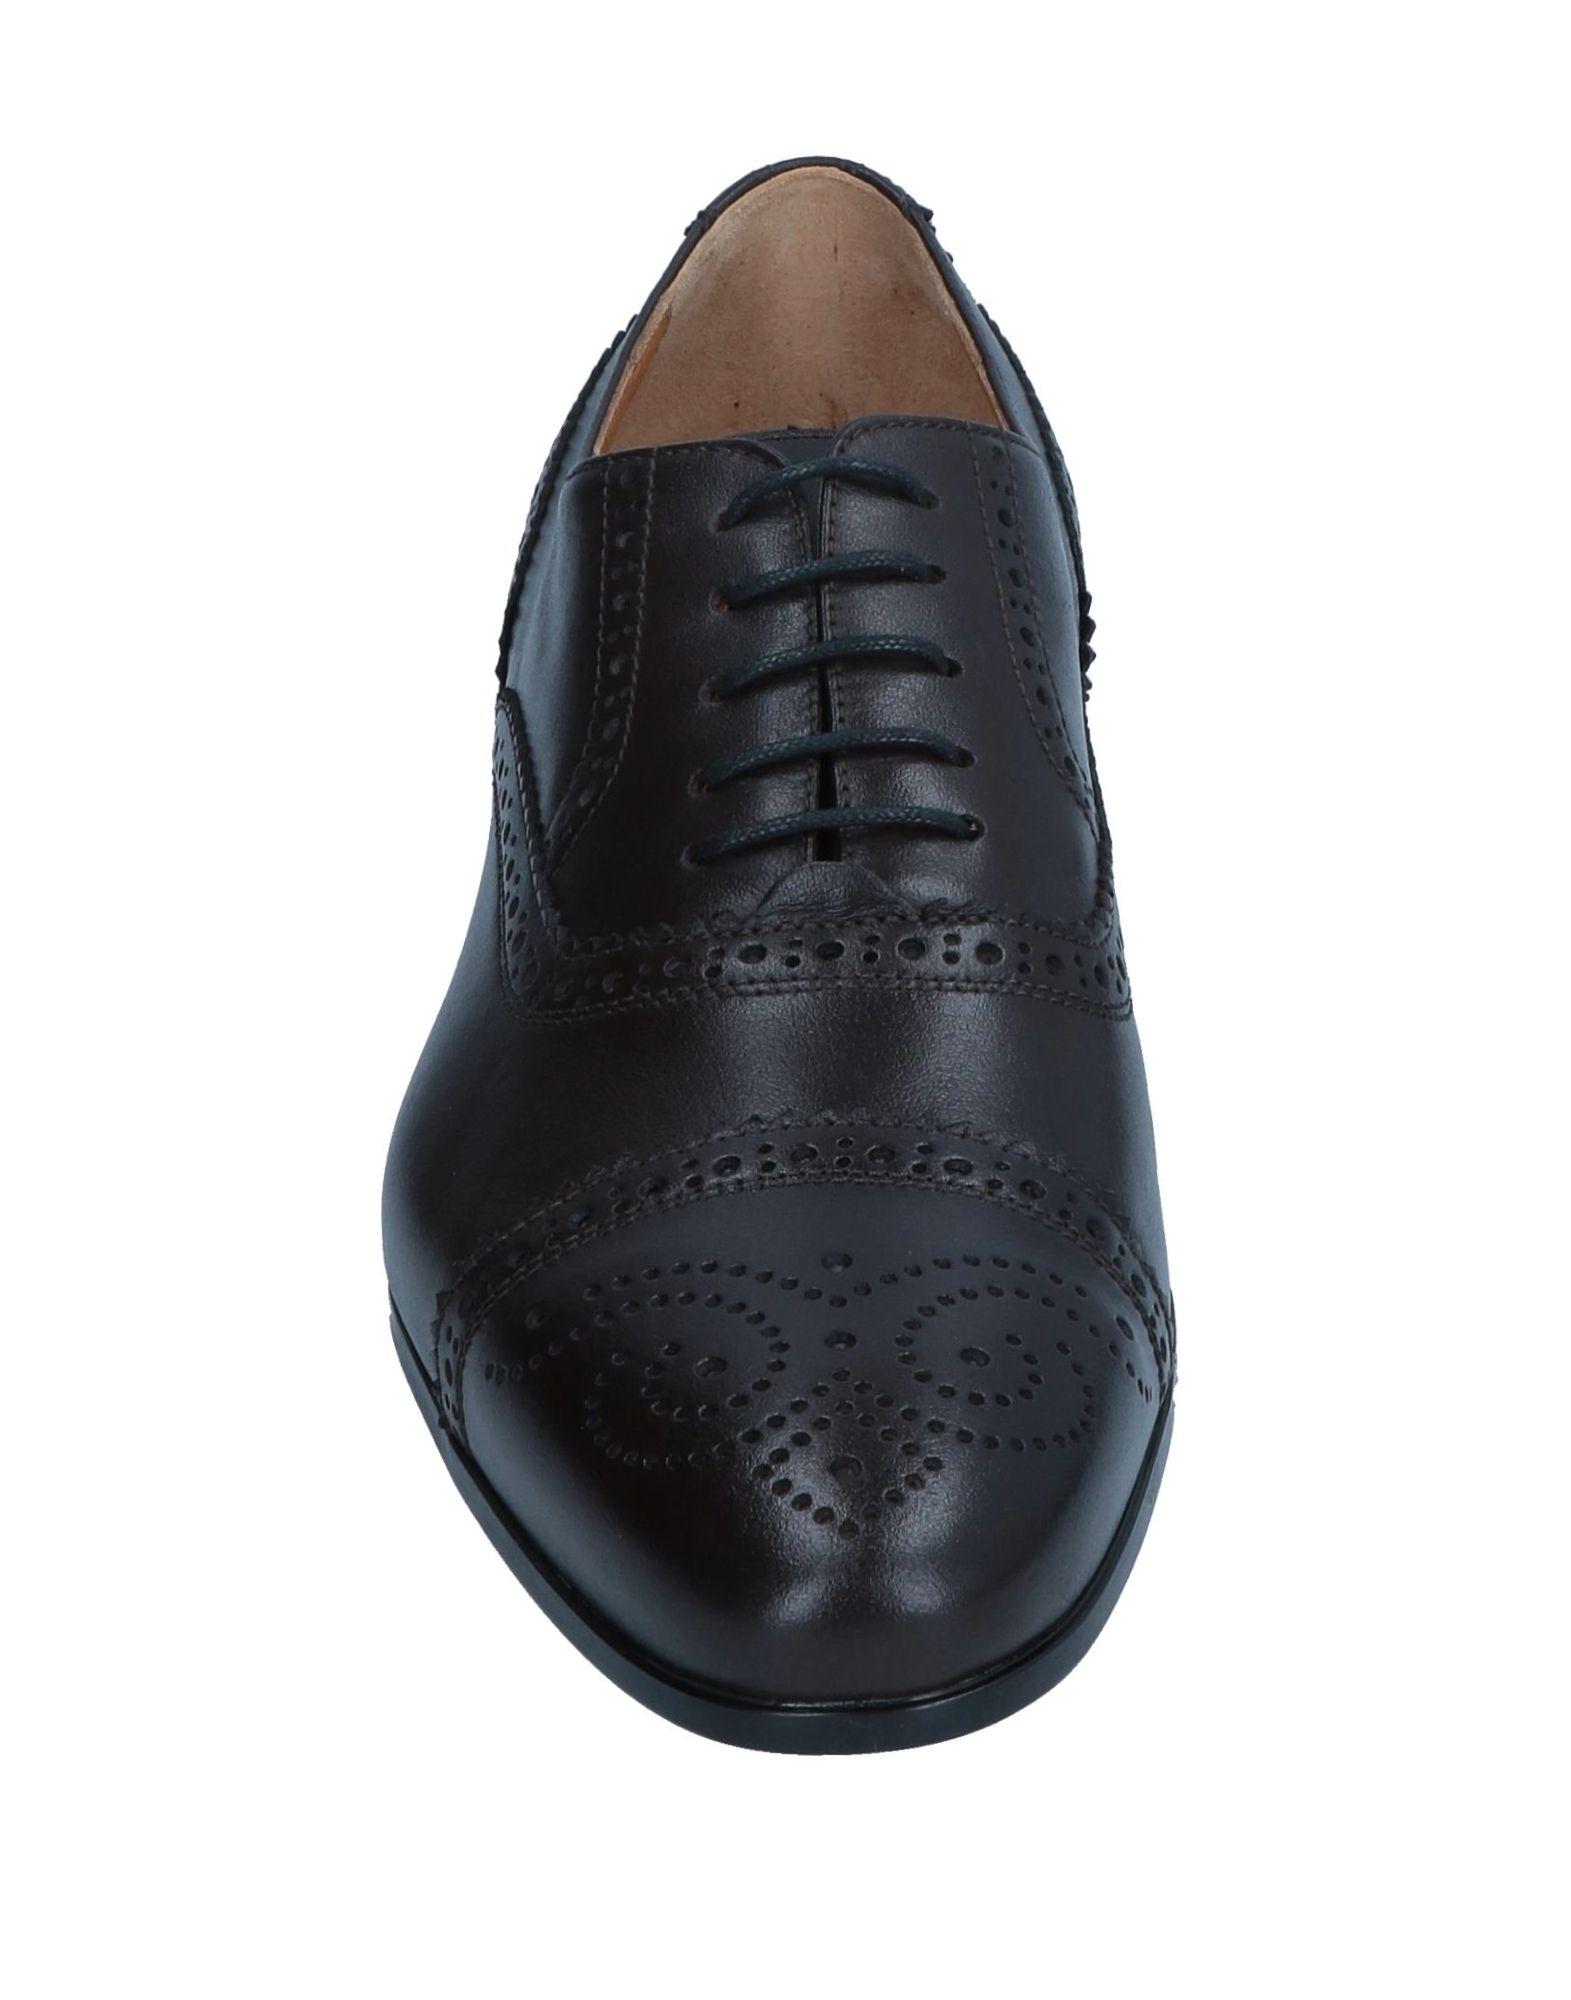 Fabiano Ricci Schnürschuhe Herren  11546996GF Gute Qualität beliebte Schuhe